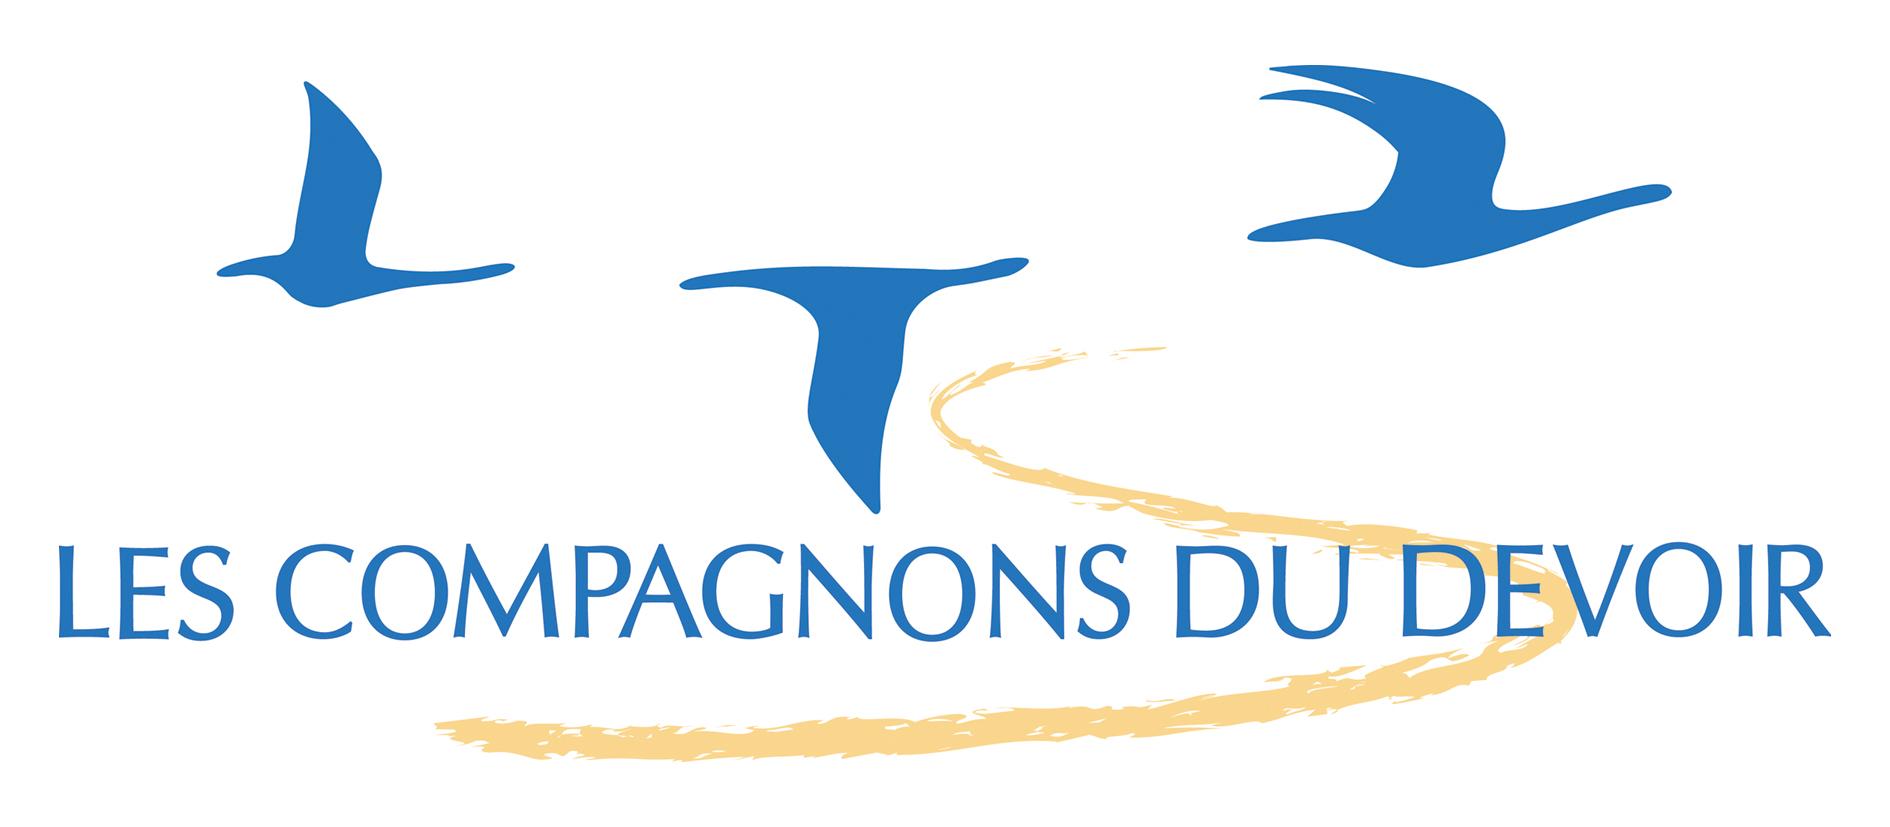 Compagnons-du-devoir logo